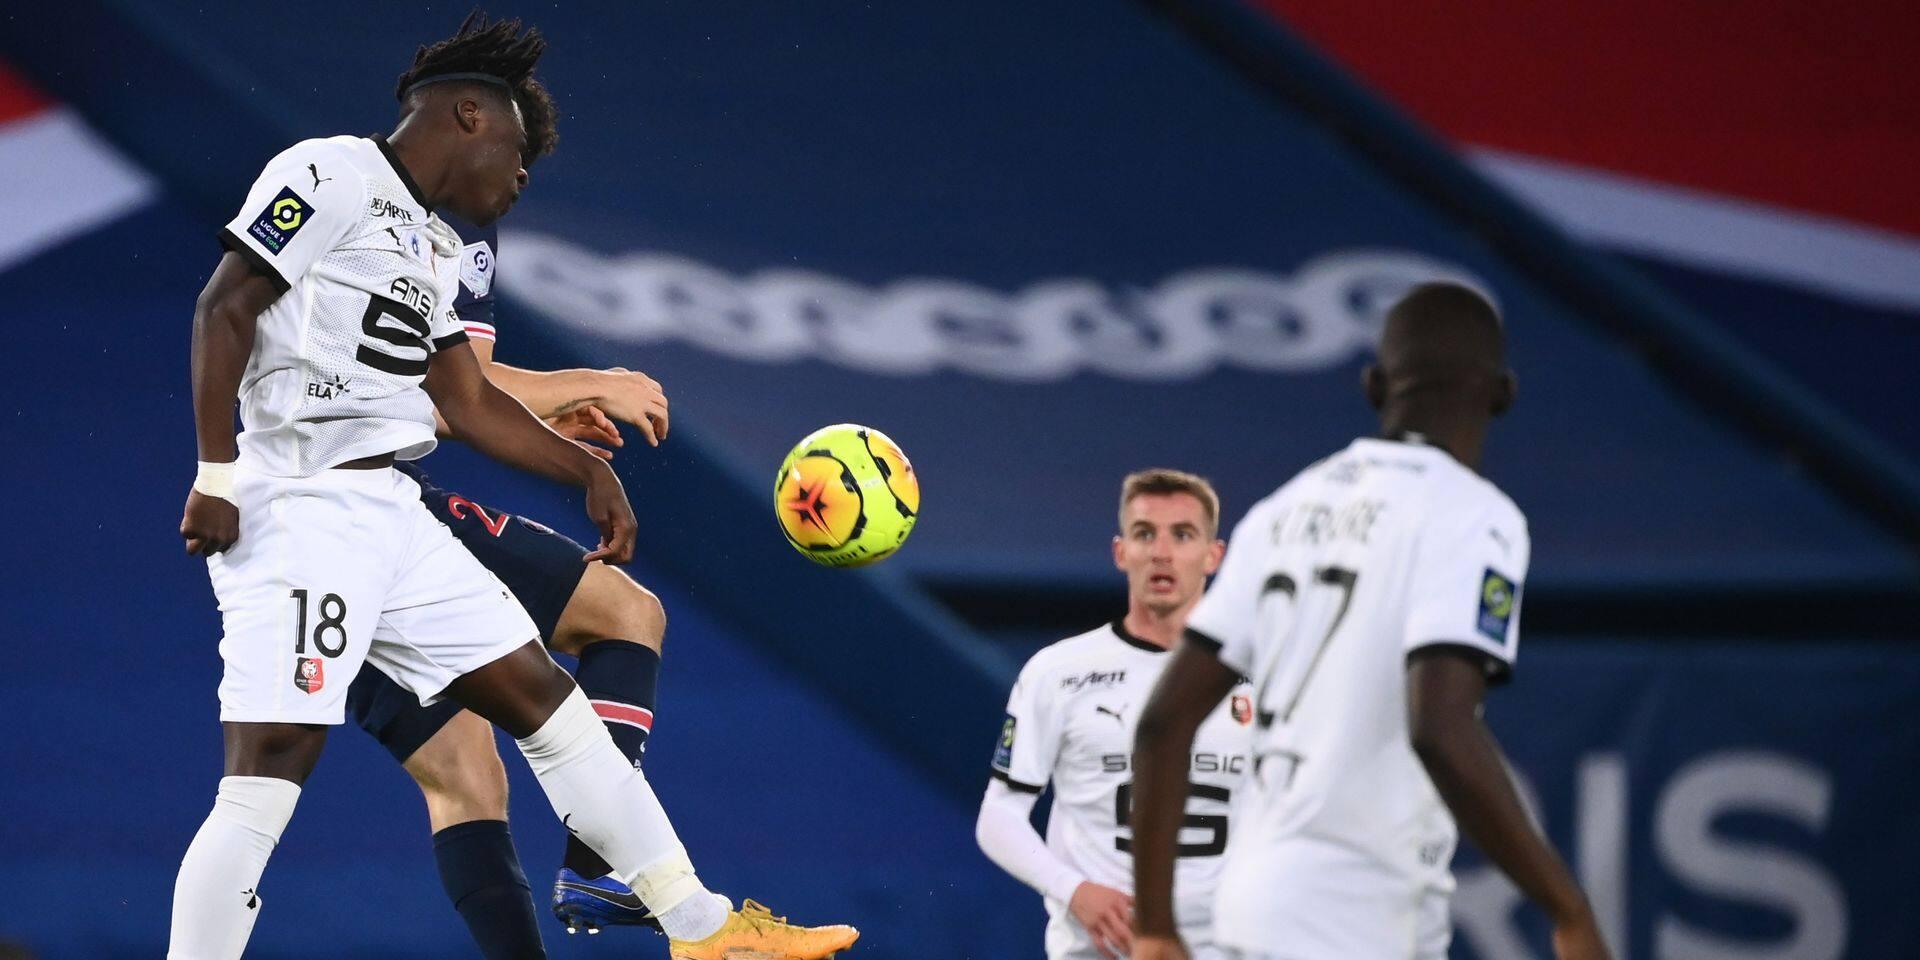 Les Belges à l'étranger: Rennes et Jeremy Doku nettement battus au PSG